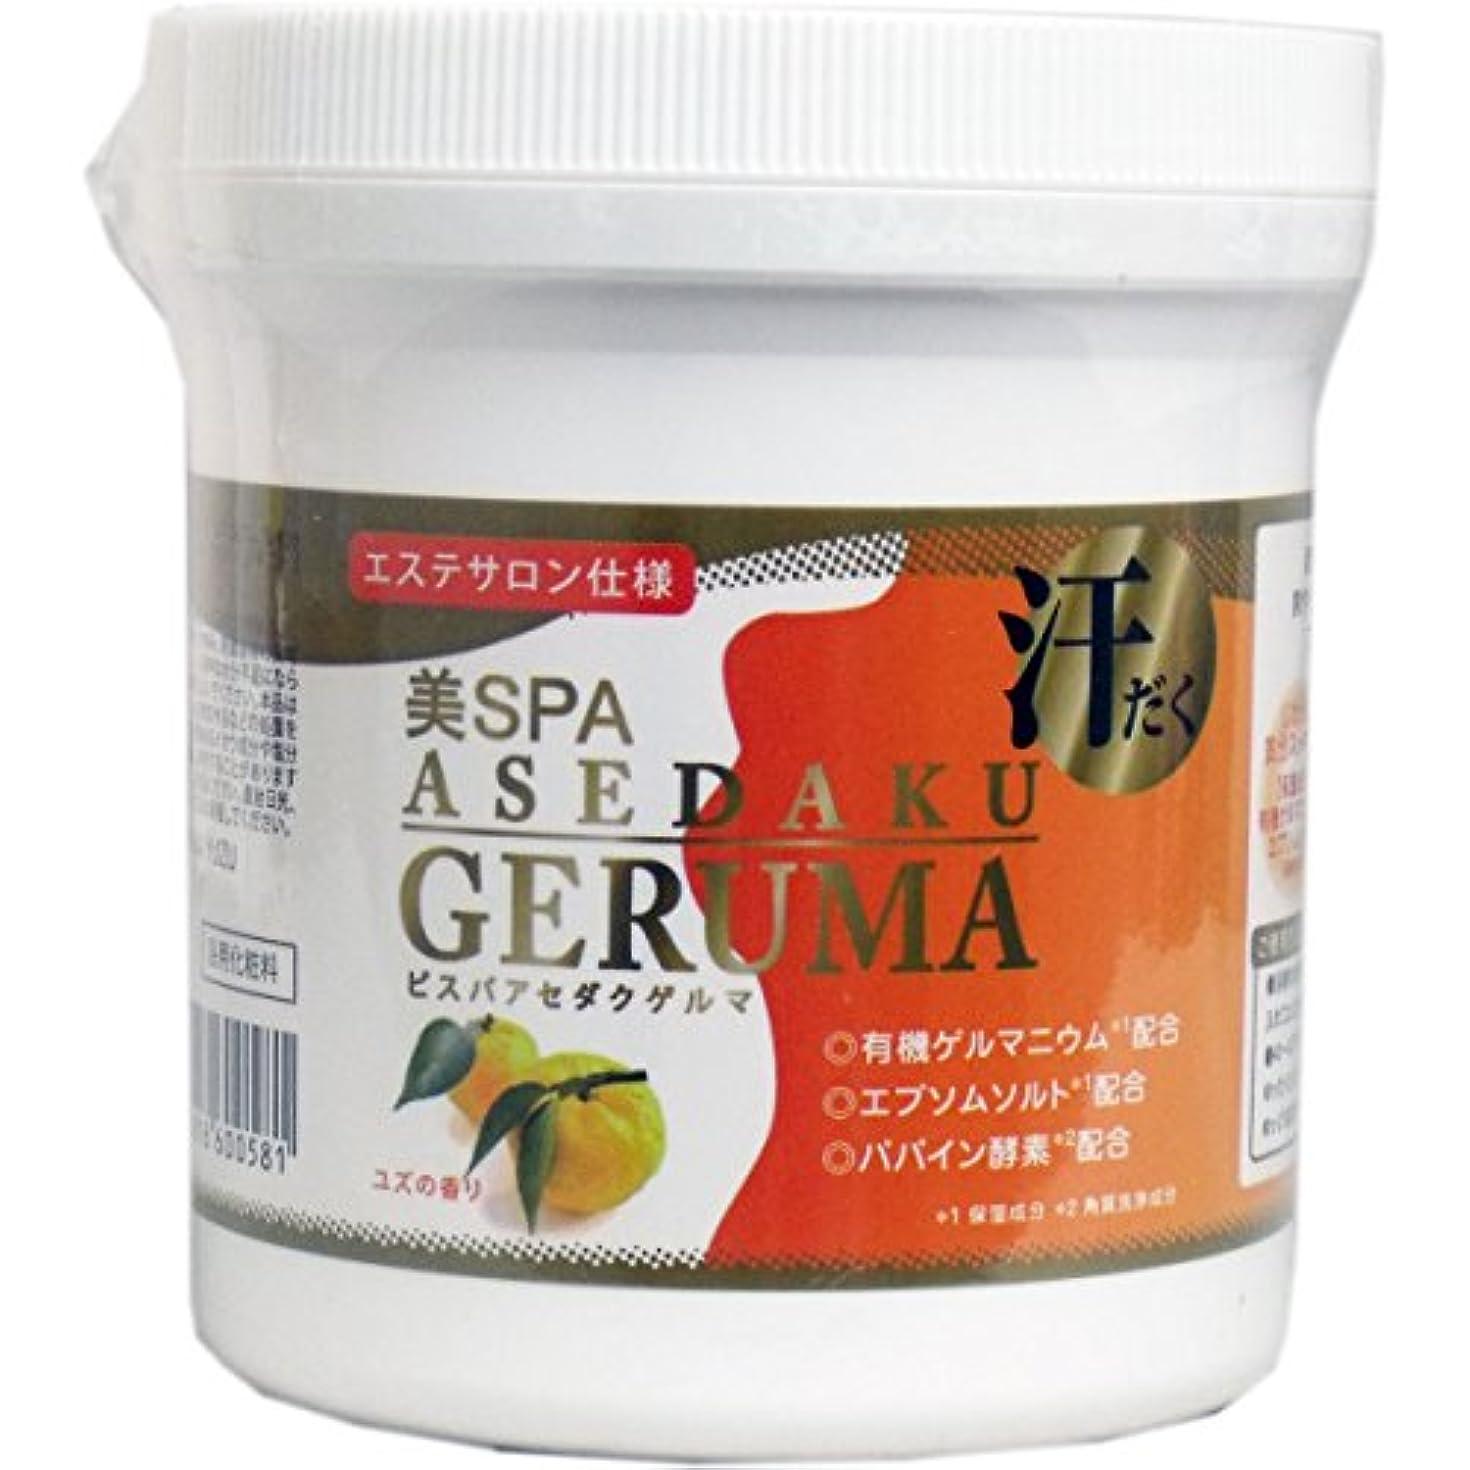 トリム害物思いにふける日本生化学 ゲルマニウム入浴料 美SPA ASEDAKU GERUMA YUZU(ゆず) ボトル 400g